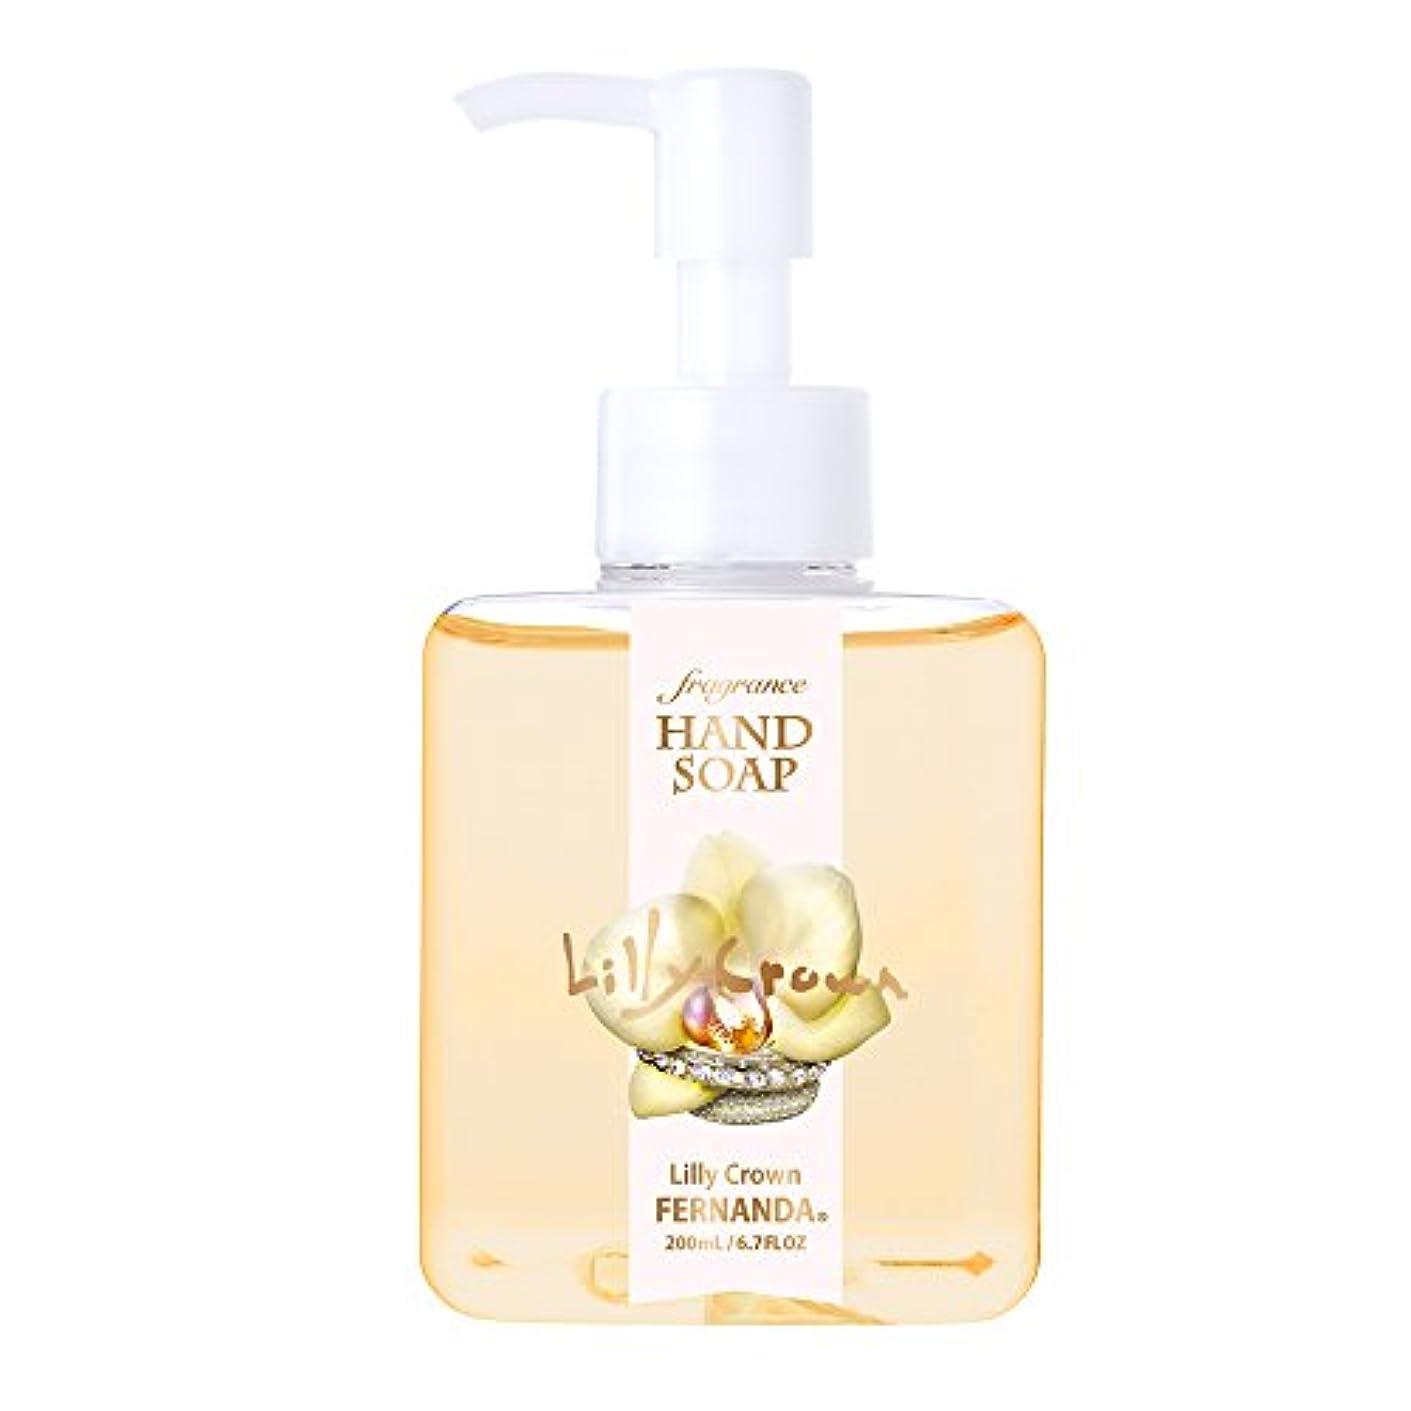 聖職者課す剥離FERNANDA(フェルナンダ) Fragrance Hand Soap Lilly Crown (ハンドソープ リリークラウン)